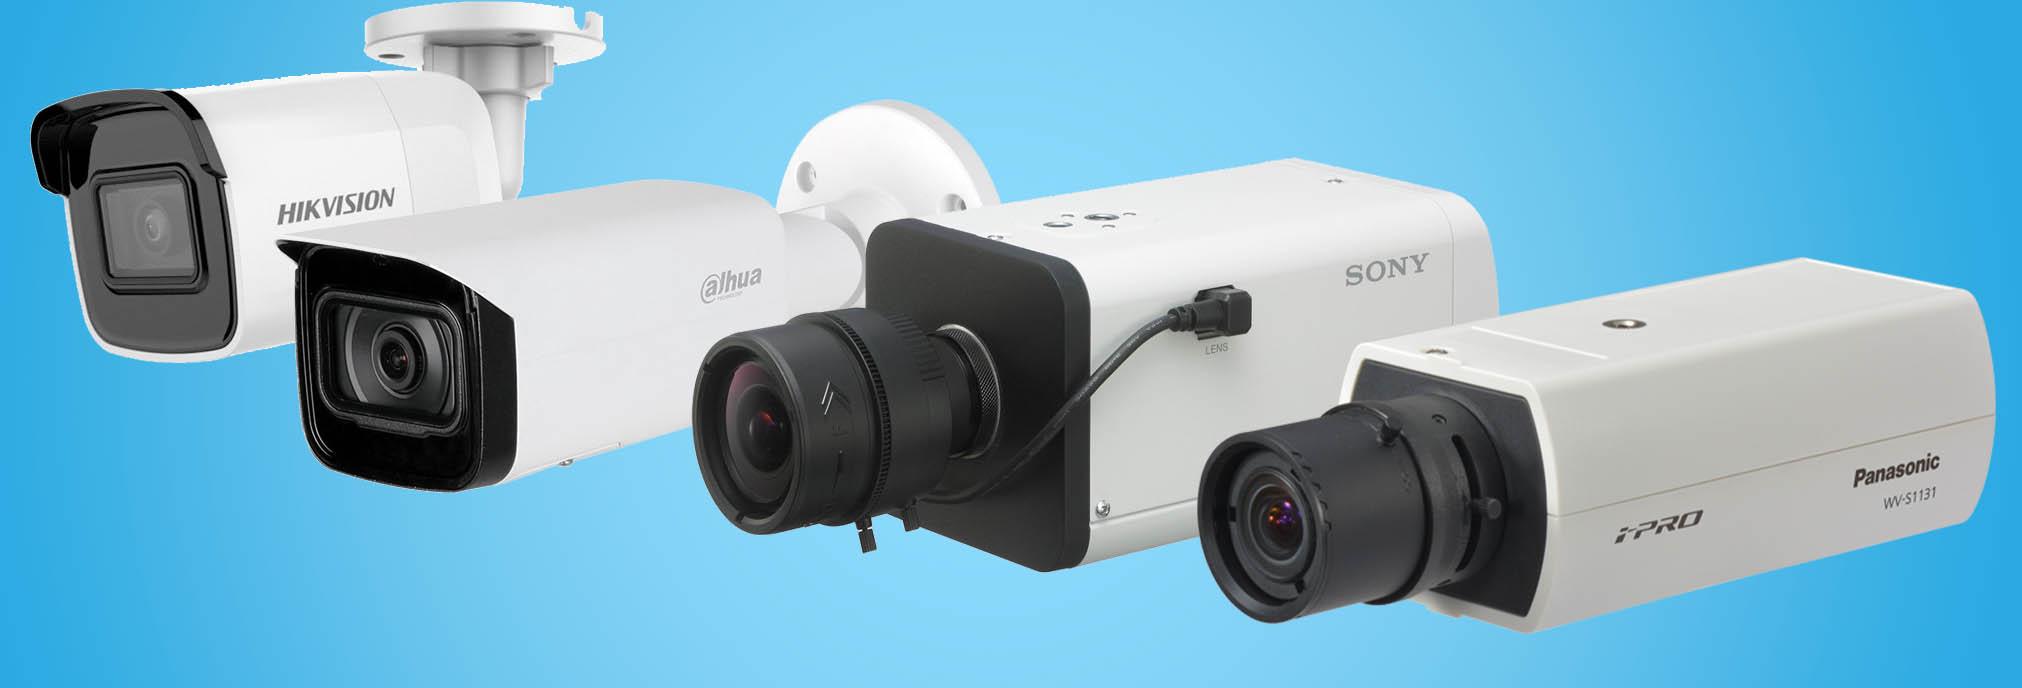 سامانه تشخیص پلاکخوان ، استقلال در انواع نوع دوربین